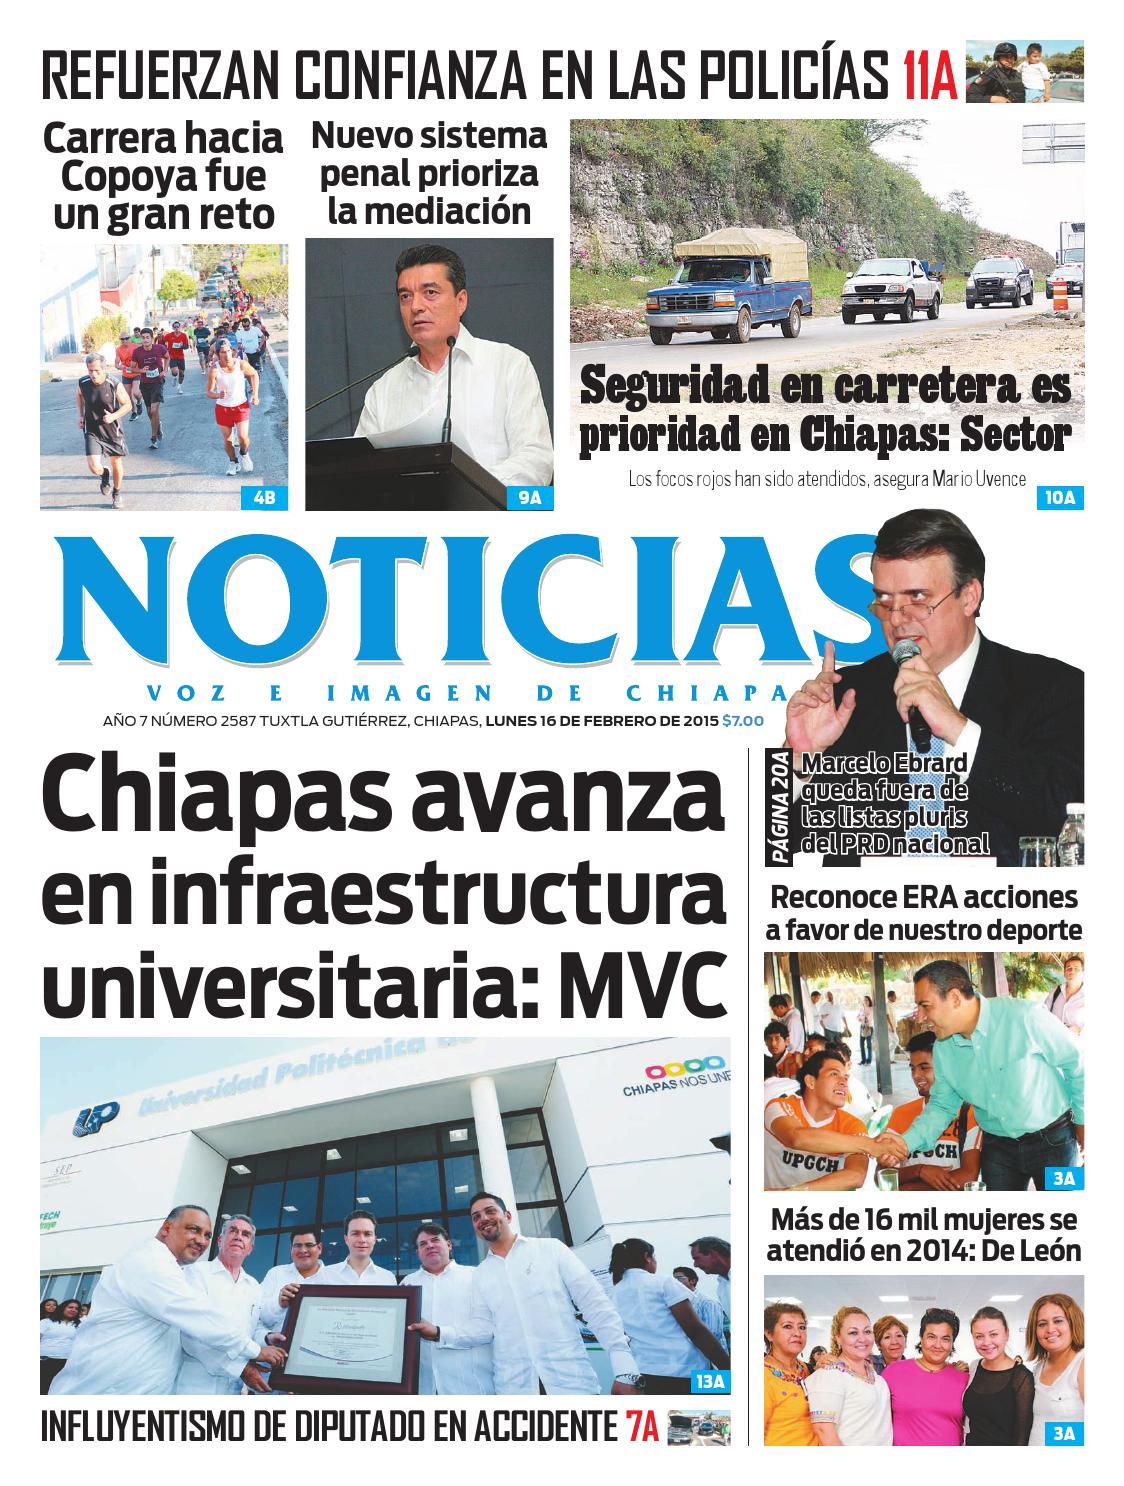 e9e5970dcefa Noticias Voz e Imagen de Chiapas - Edición 16 de Febrero de 2015 by ...